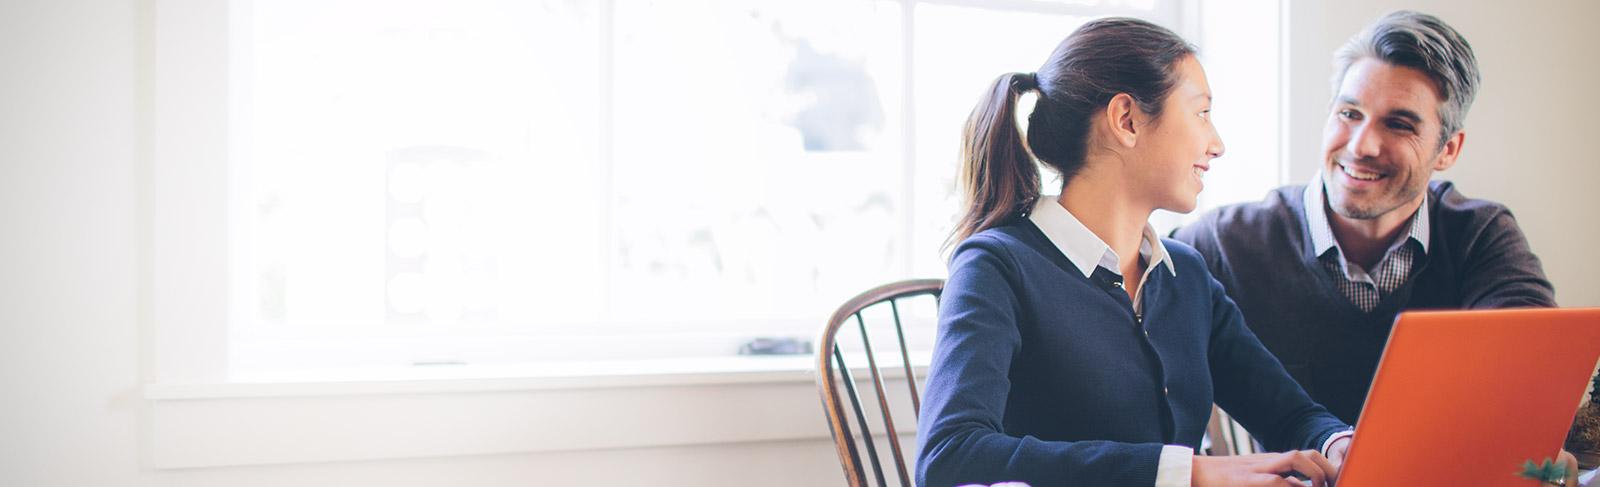 Saznajte više o paketu Microsoft Office Home & Student